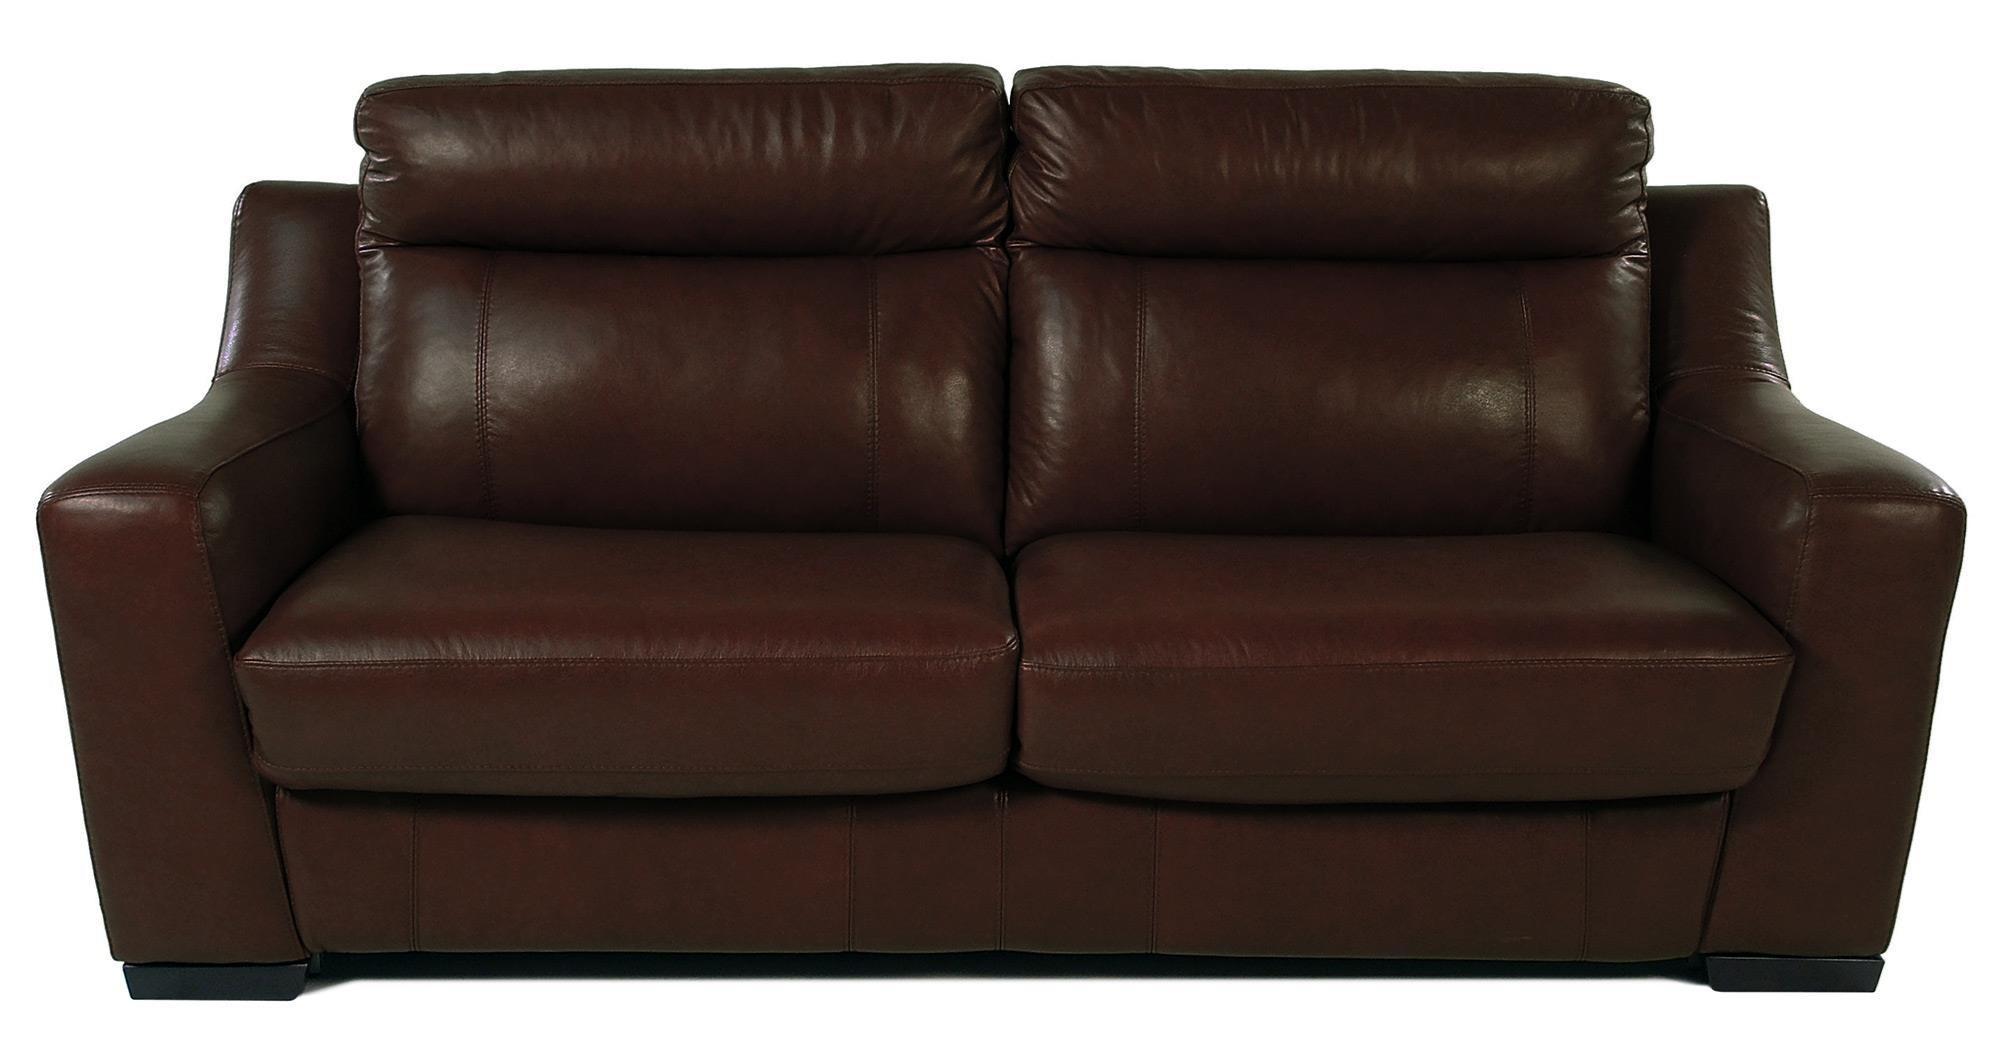 giovani bartolini full size leather sleep sofa rotmans sleeper sofas. Black Bedroom Furniture Sets. Home Design Ideas